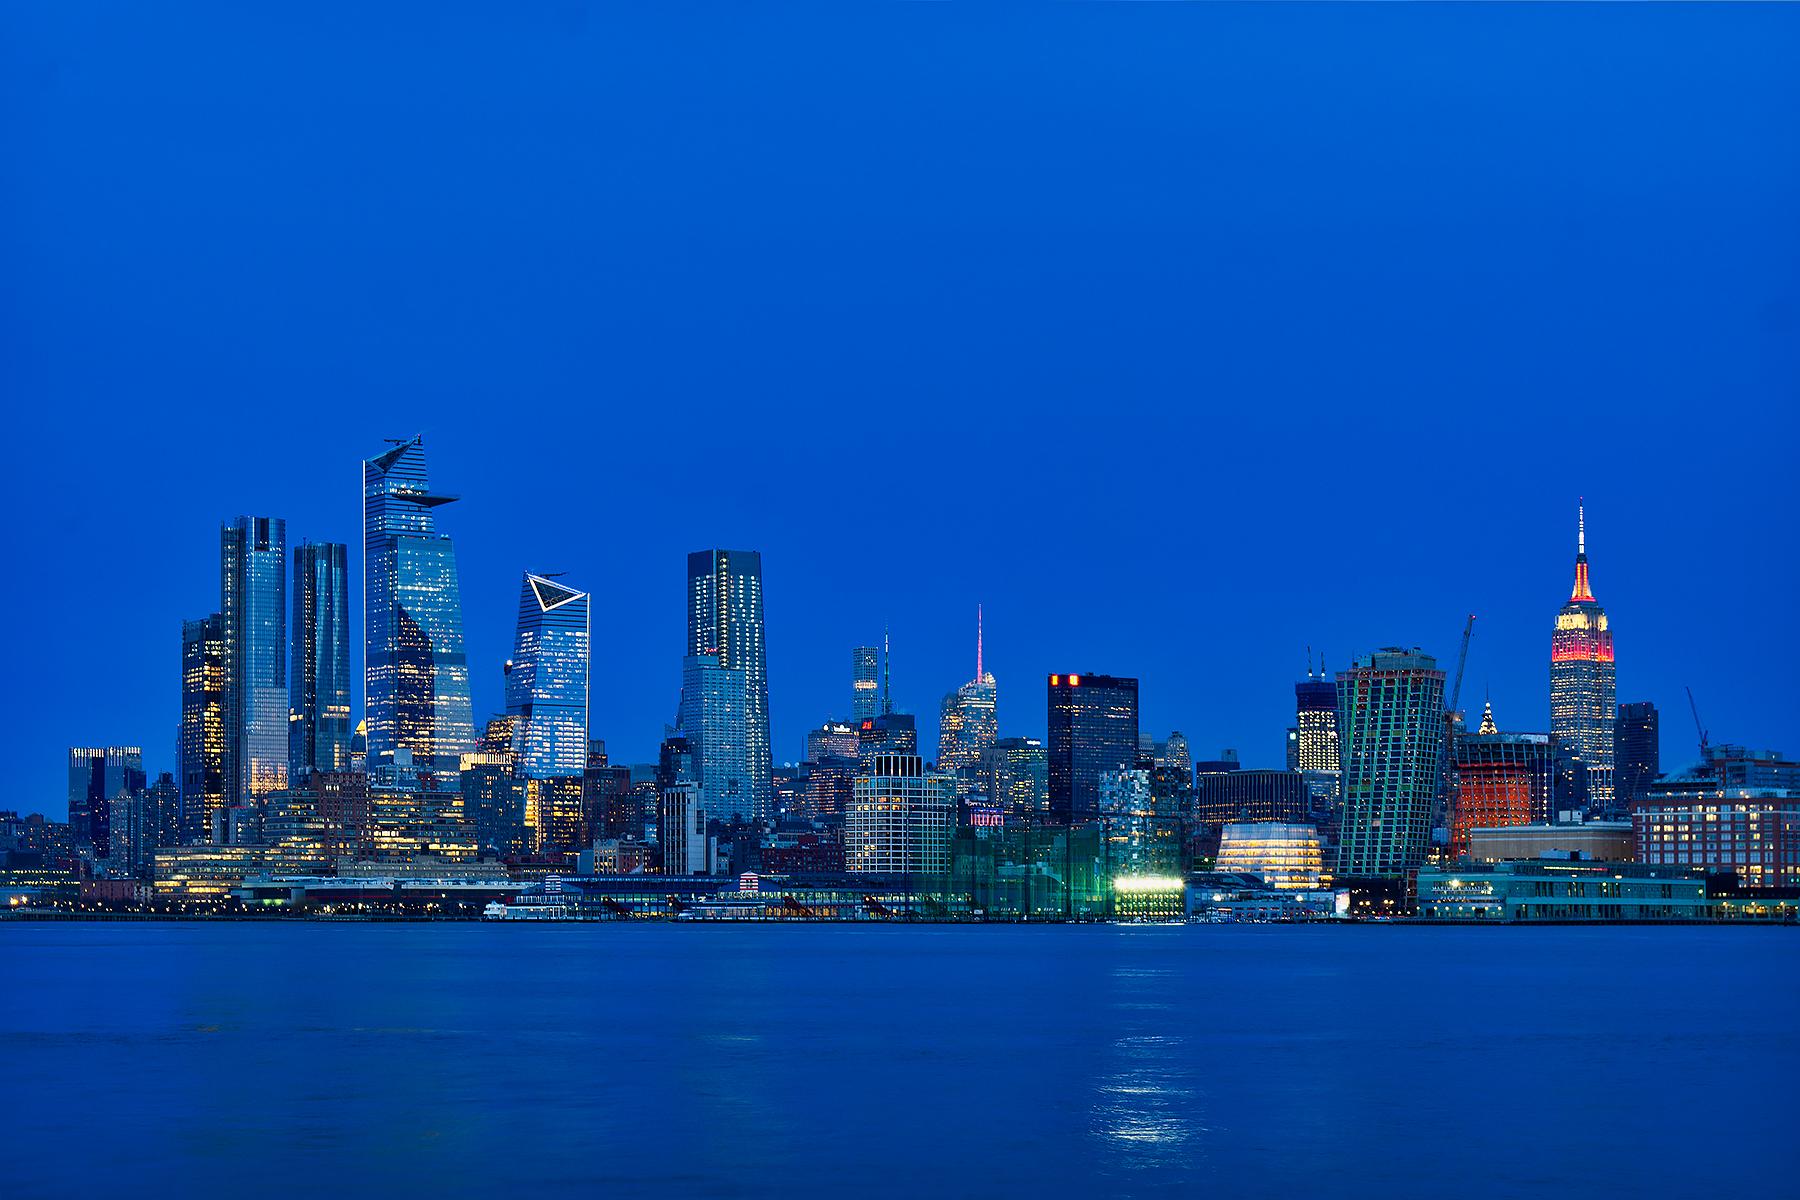 Carlos_Esguerra_Midtown Manhattan-1409.jpg